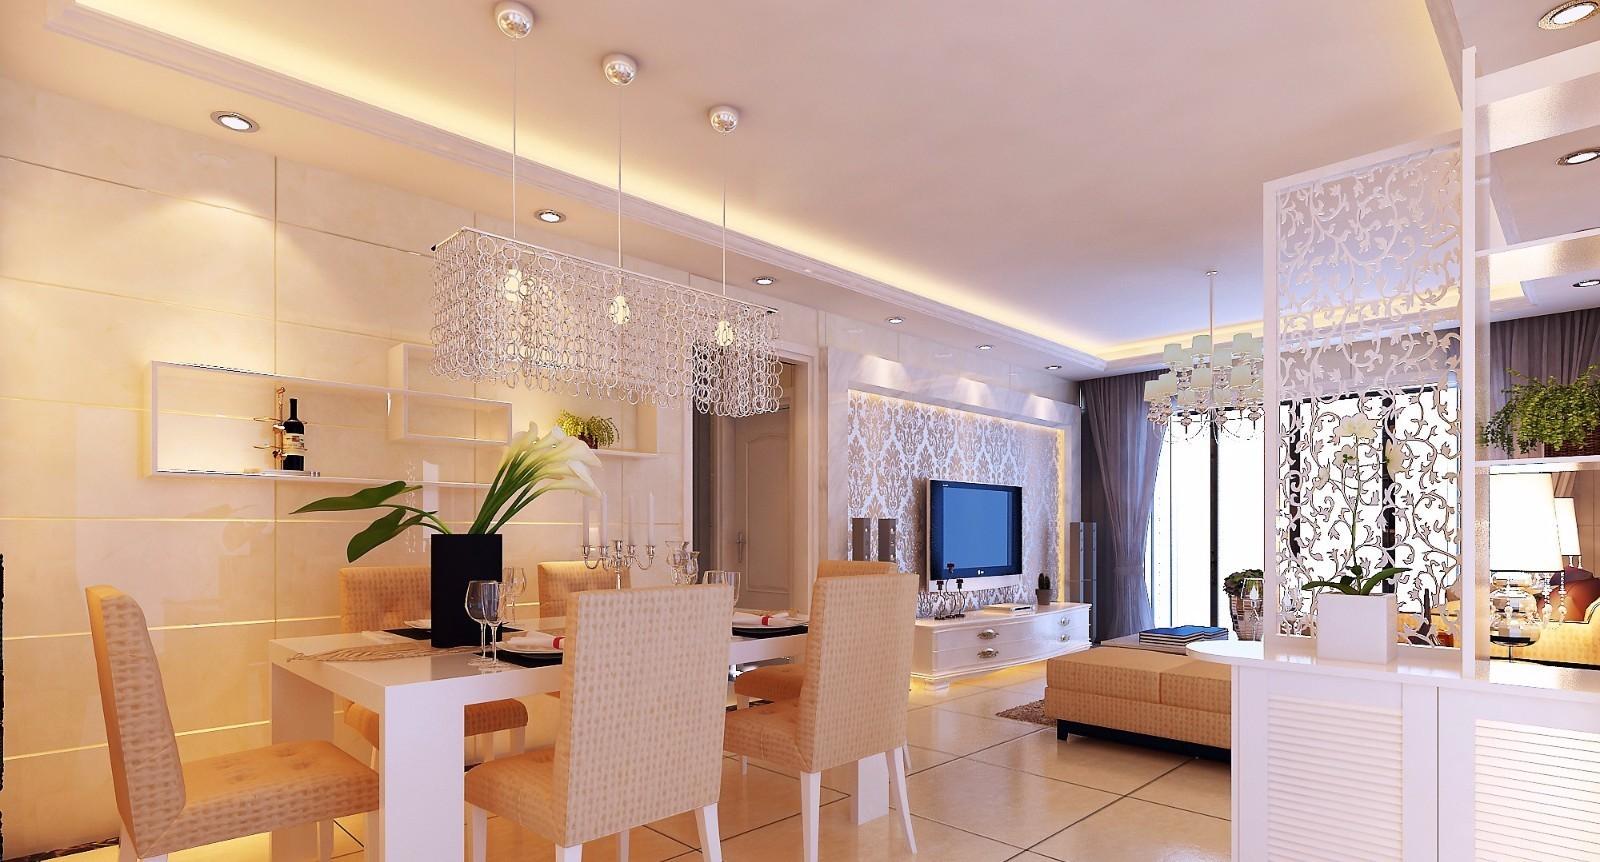 闸北中式客厅装修设计 相对于欧式风格的富丽奢华,中国人更加喜欢中式风格的典雅与内敛,因为这样的风格能够表现出中国人含蓄而内敛的心理,今天易路荣昕装饰设计小编就来介绍下中式装修风格客厅,看看这样的中式风格客厅是否为你喜欢的风格。 客厅是我们家人日常聚会和会客的区域,也是整个家居环境中面积最大、最主要的装饰装修区域,所以客厅的装修设计不容忽视。而客厅装修中选择不同的装修风格也会给人不同的感受,同时展现出的效果也会不同。中式风格内敛、典雅,欧式风格奢华舒适,现代风格时尚前卫,不同的装修风格展现出了不同的效果,下